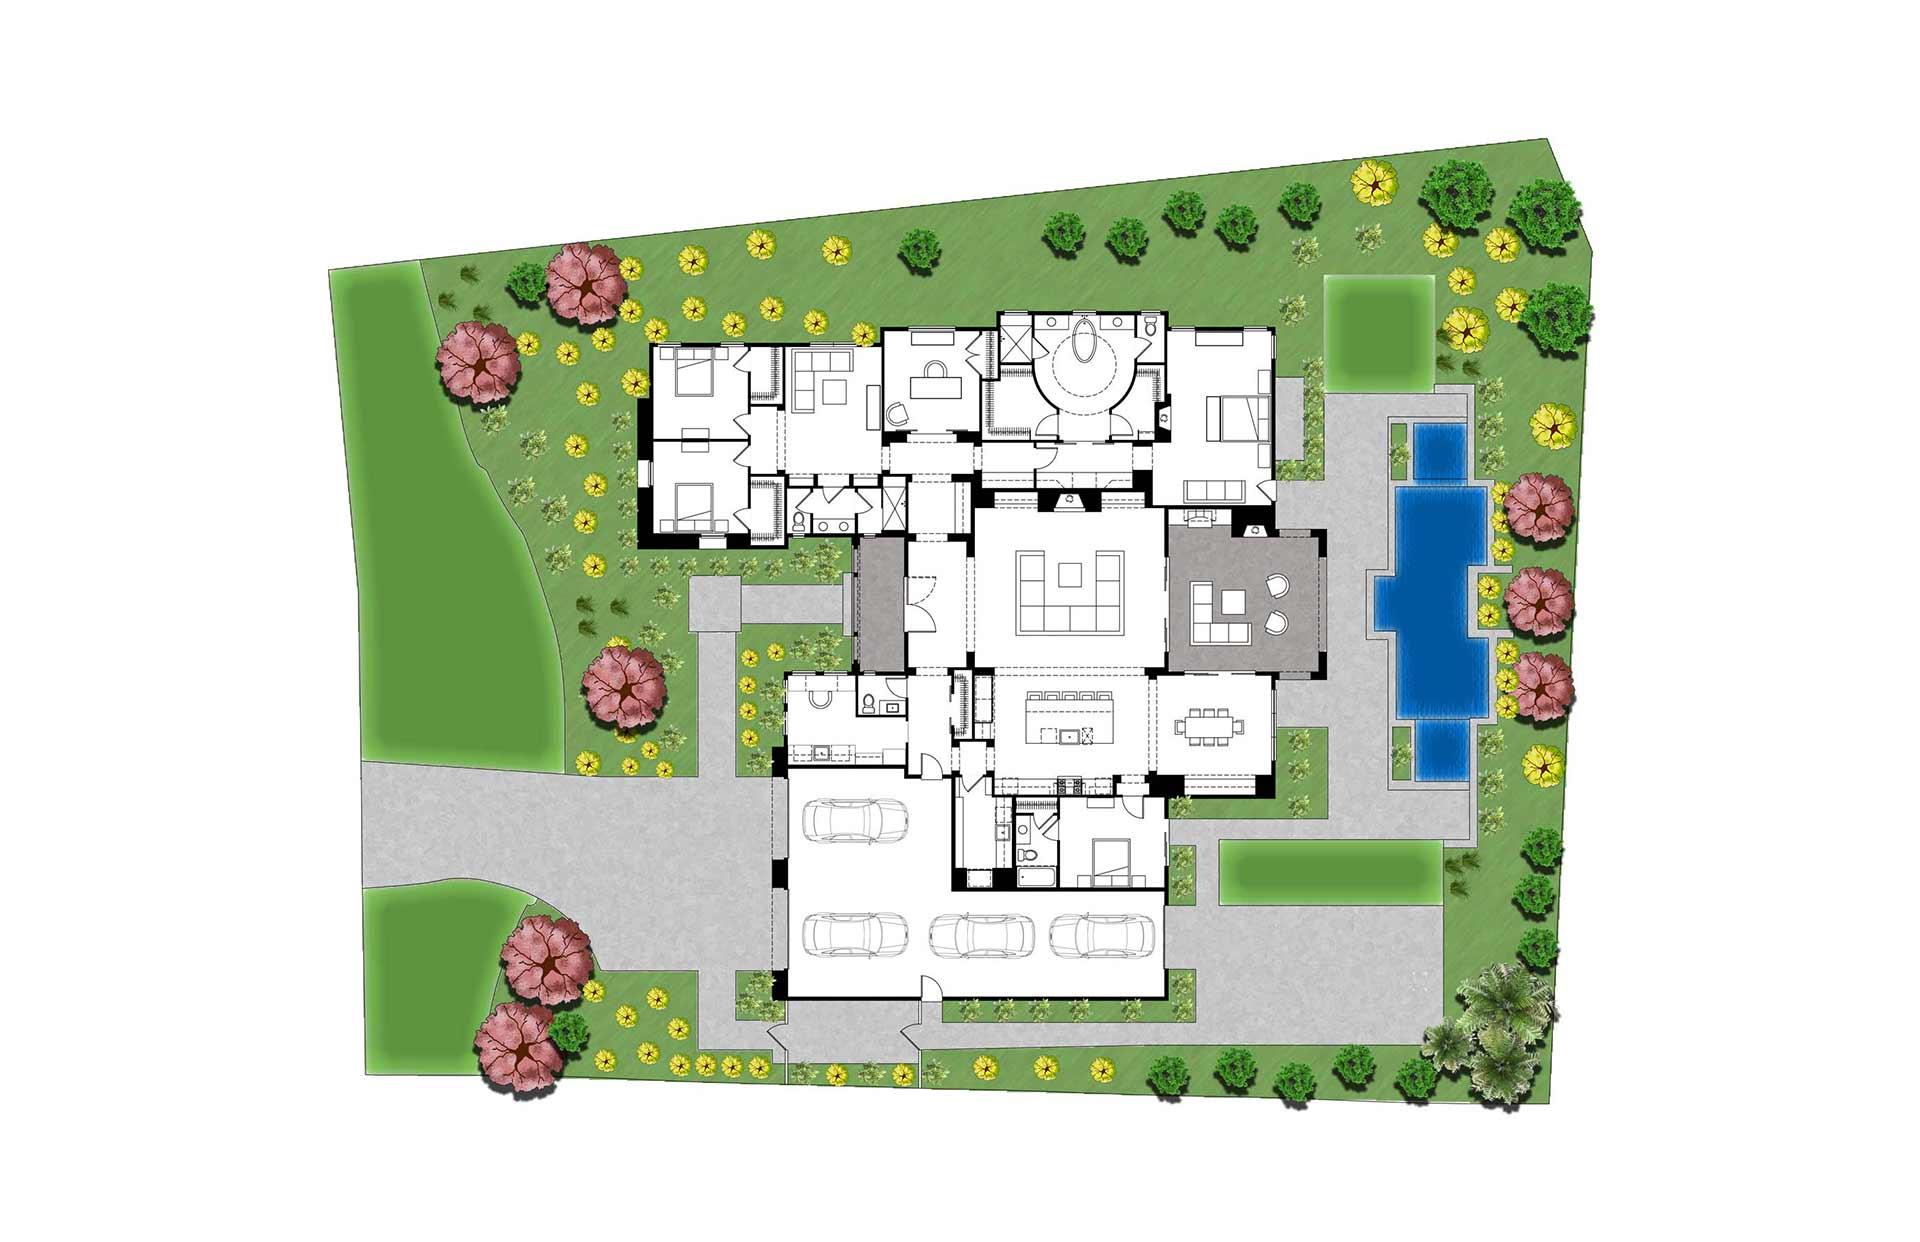 Lot-66-Floor-Plan-2